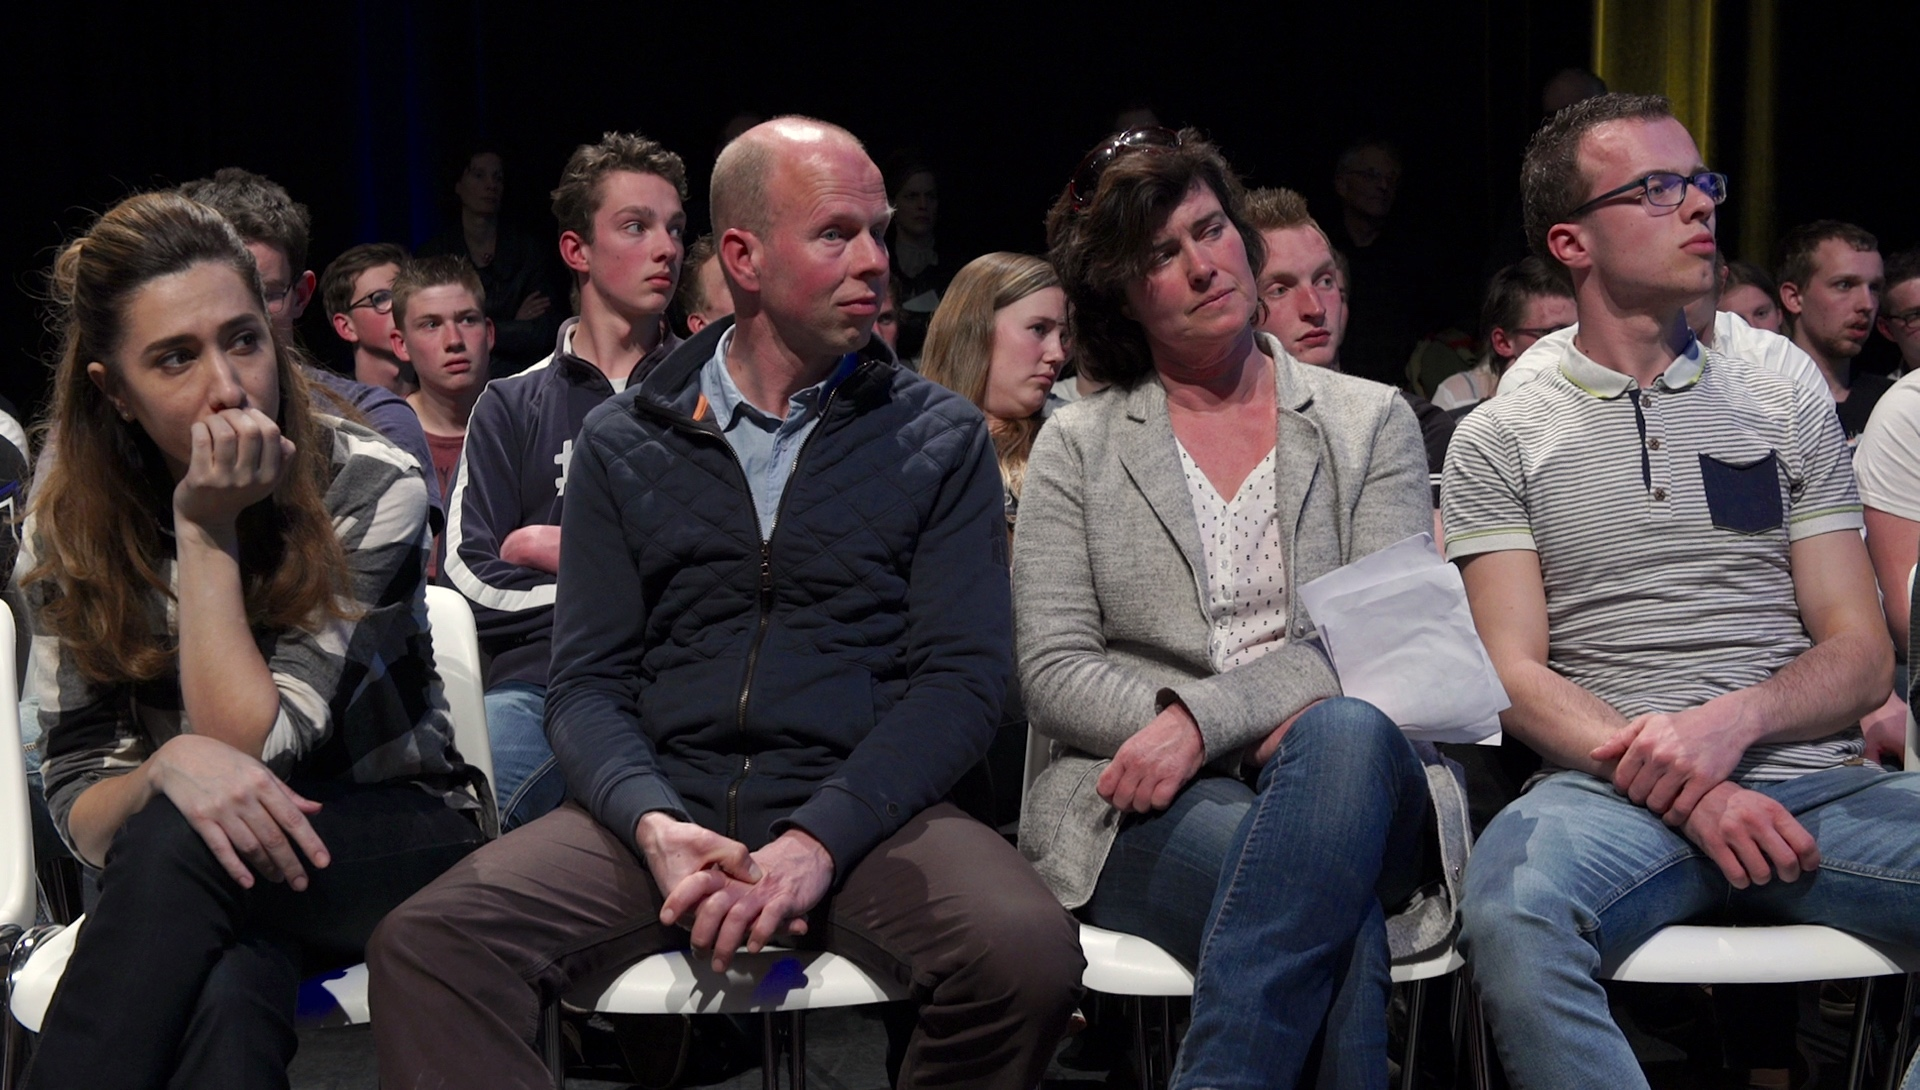 Fidan en familie Van Essen tijdens een debat